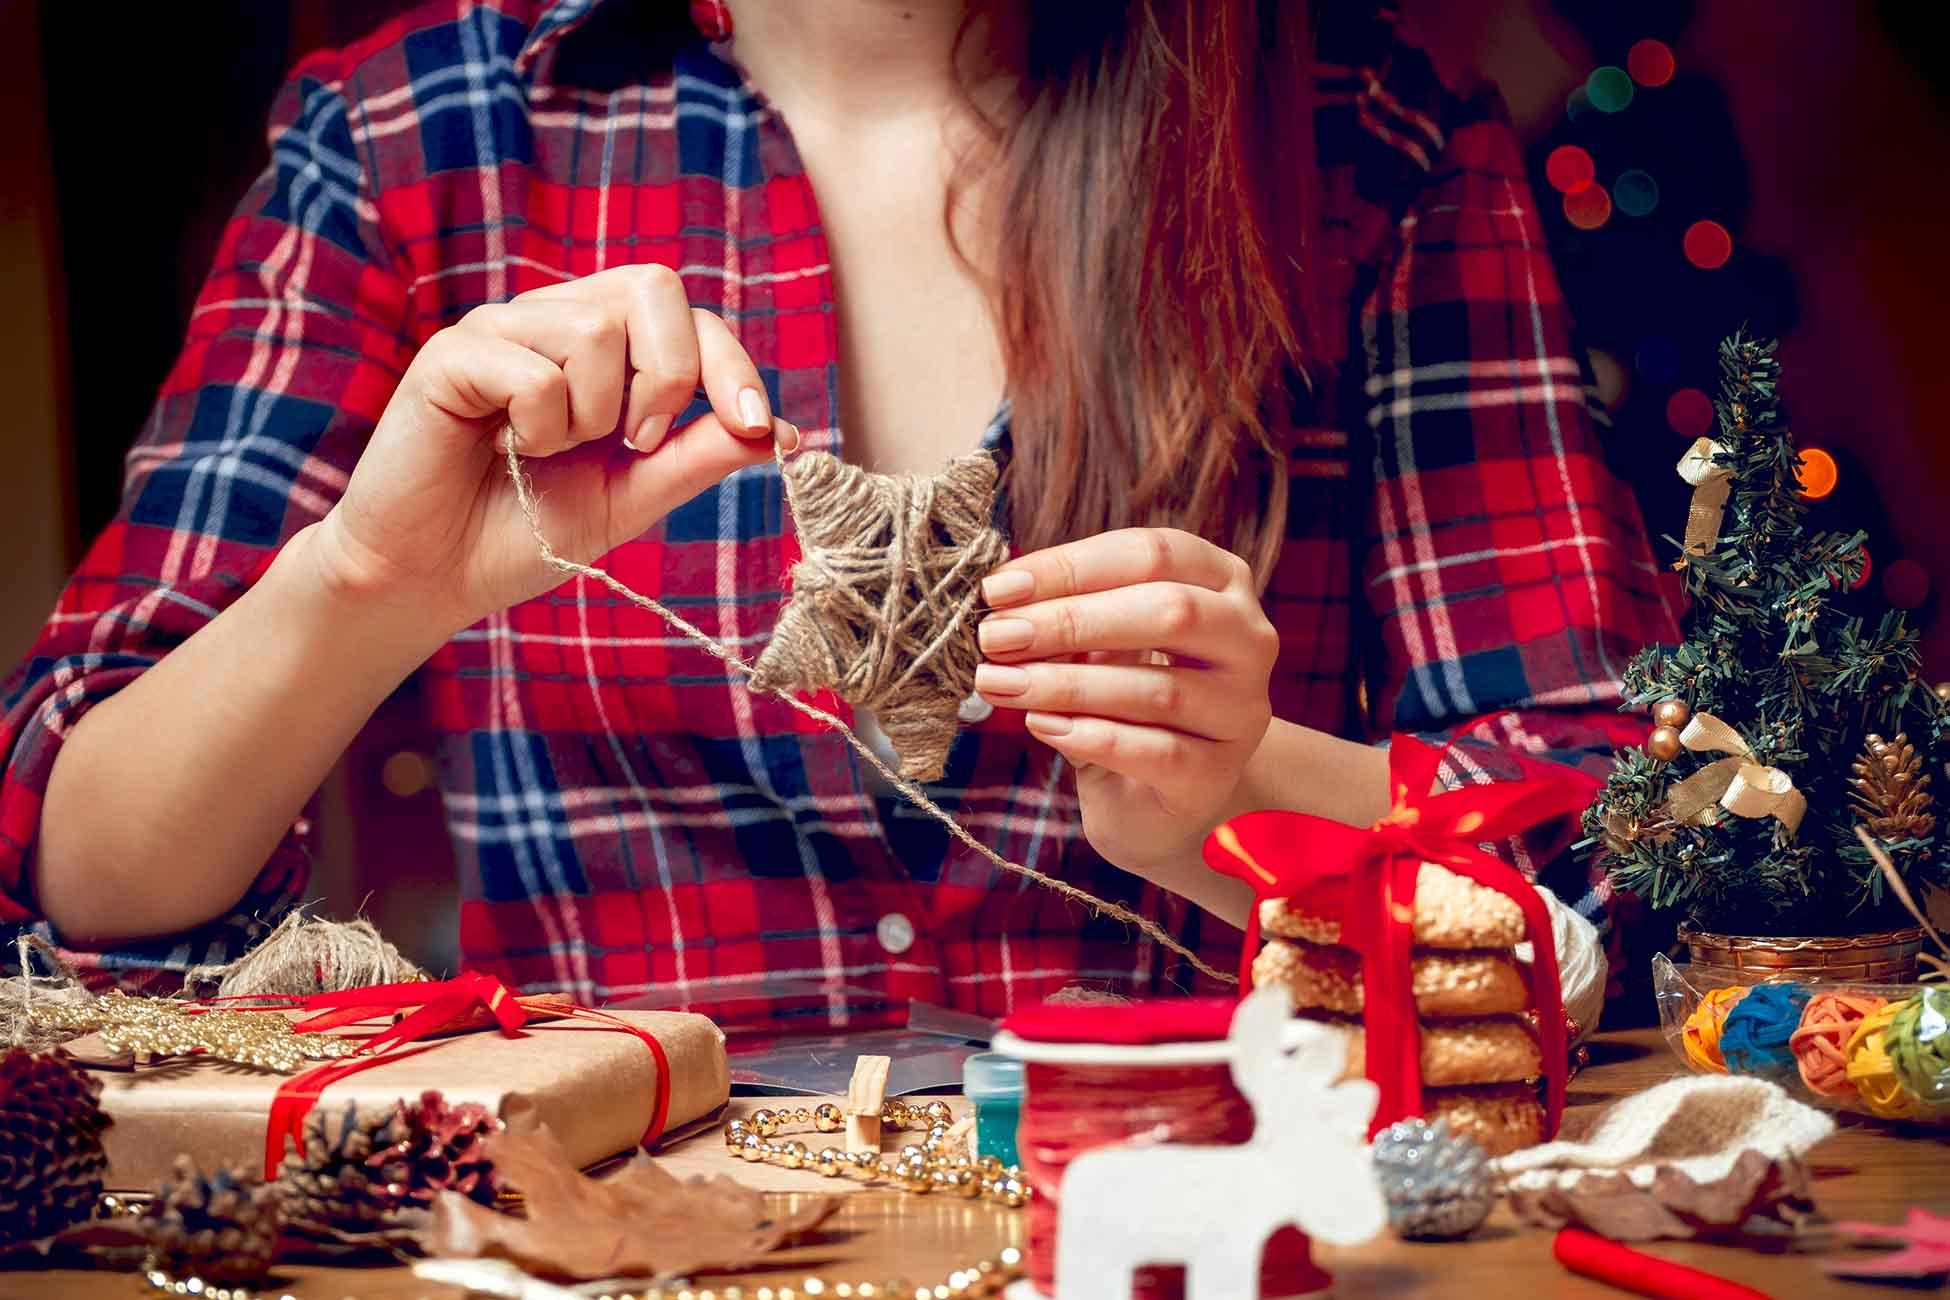 Cadeaux De Noël Diy 7 Belles Idées De Cadeaux Faits Main